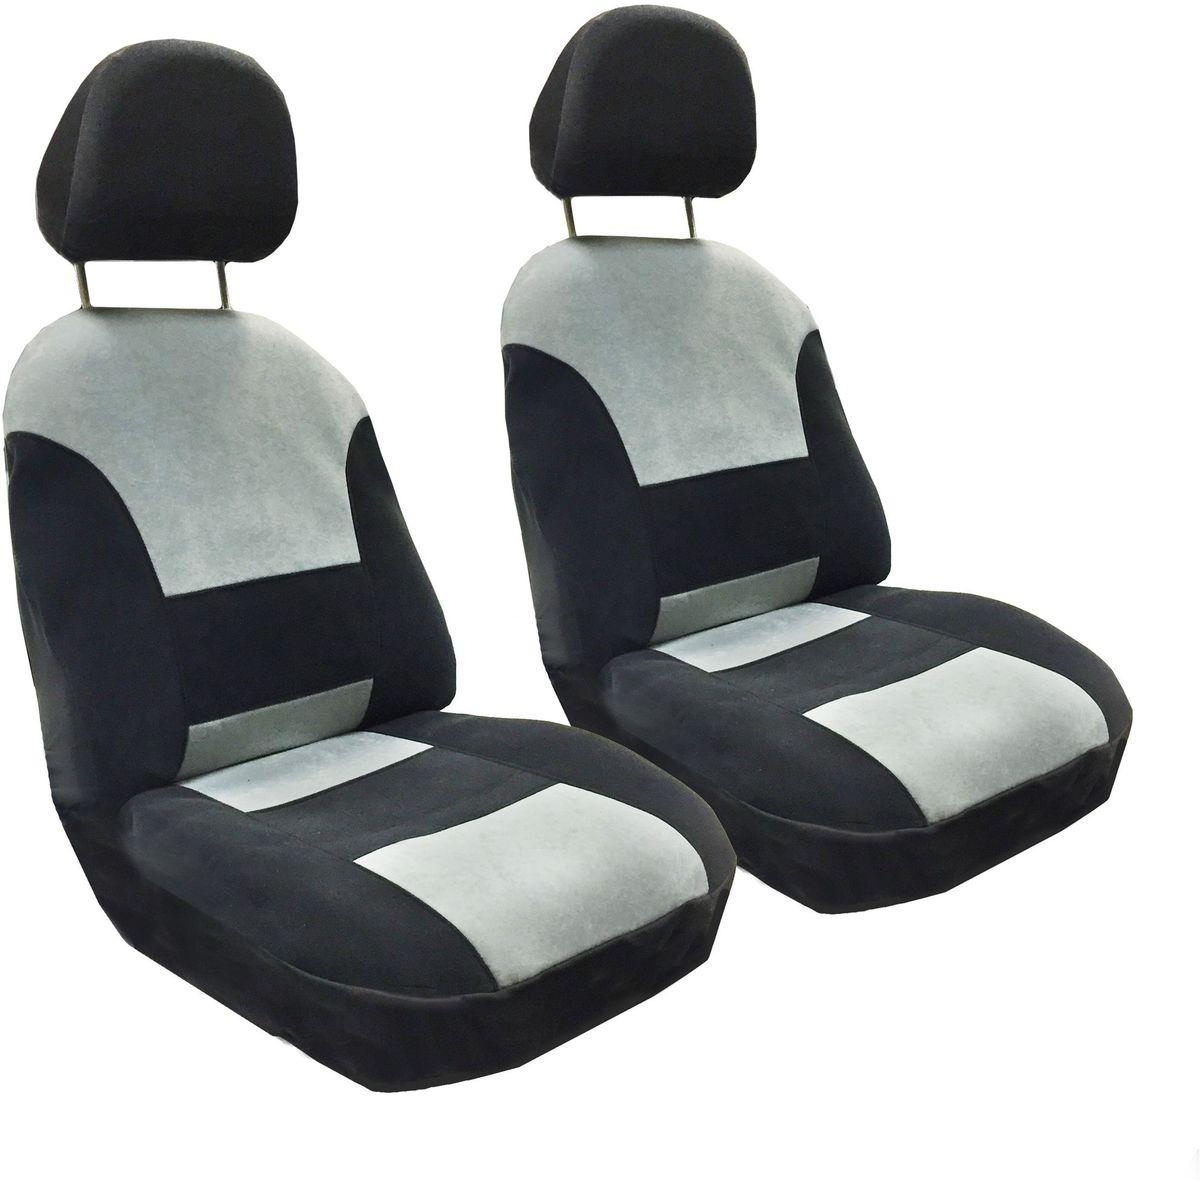 Набор автомобильных чехлов Auto Premium Флагман, цвет: черный, серый, 4 предметаFS-80423Комплект универсальных чехлов Auto Premium Флагман выполнен из велюра, предназначен для передних кресел автомобиля. На задней спинке чехла расположен вшивной карман. В комплект входят съемные чехлы для подголовников. Практичный и долговечный комплект чехлов для передних сидений надежно защищает сиденье водителя и пассажира от механических повреждений, загрязнений и износа.